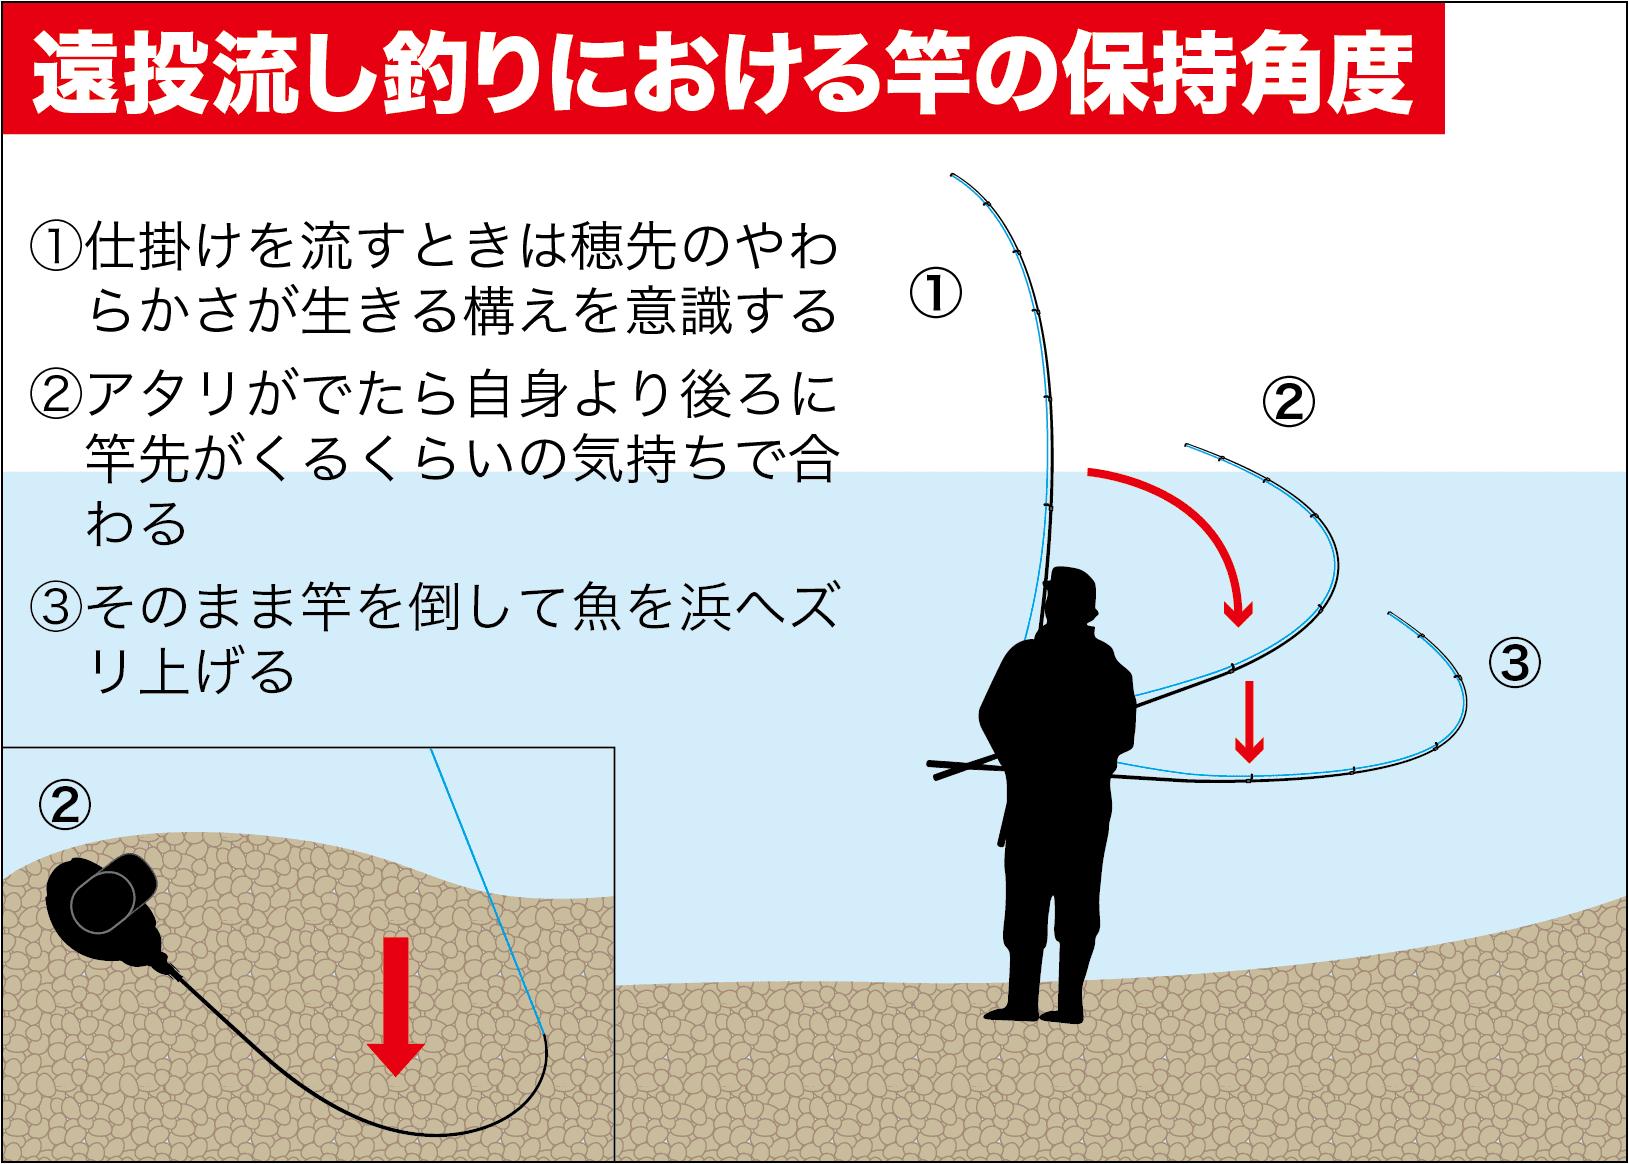 メバル遠投流し釣りやってはダメ2-22